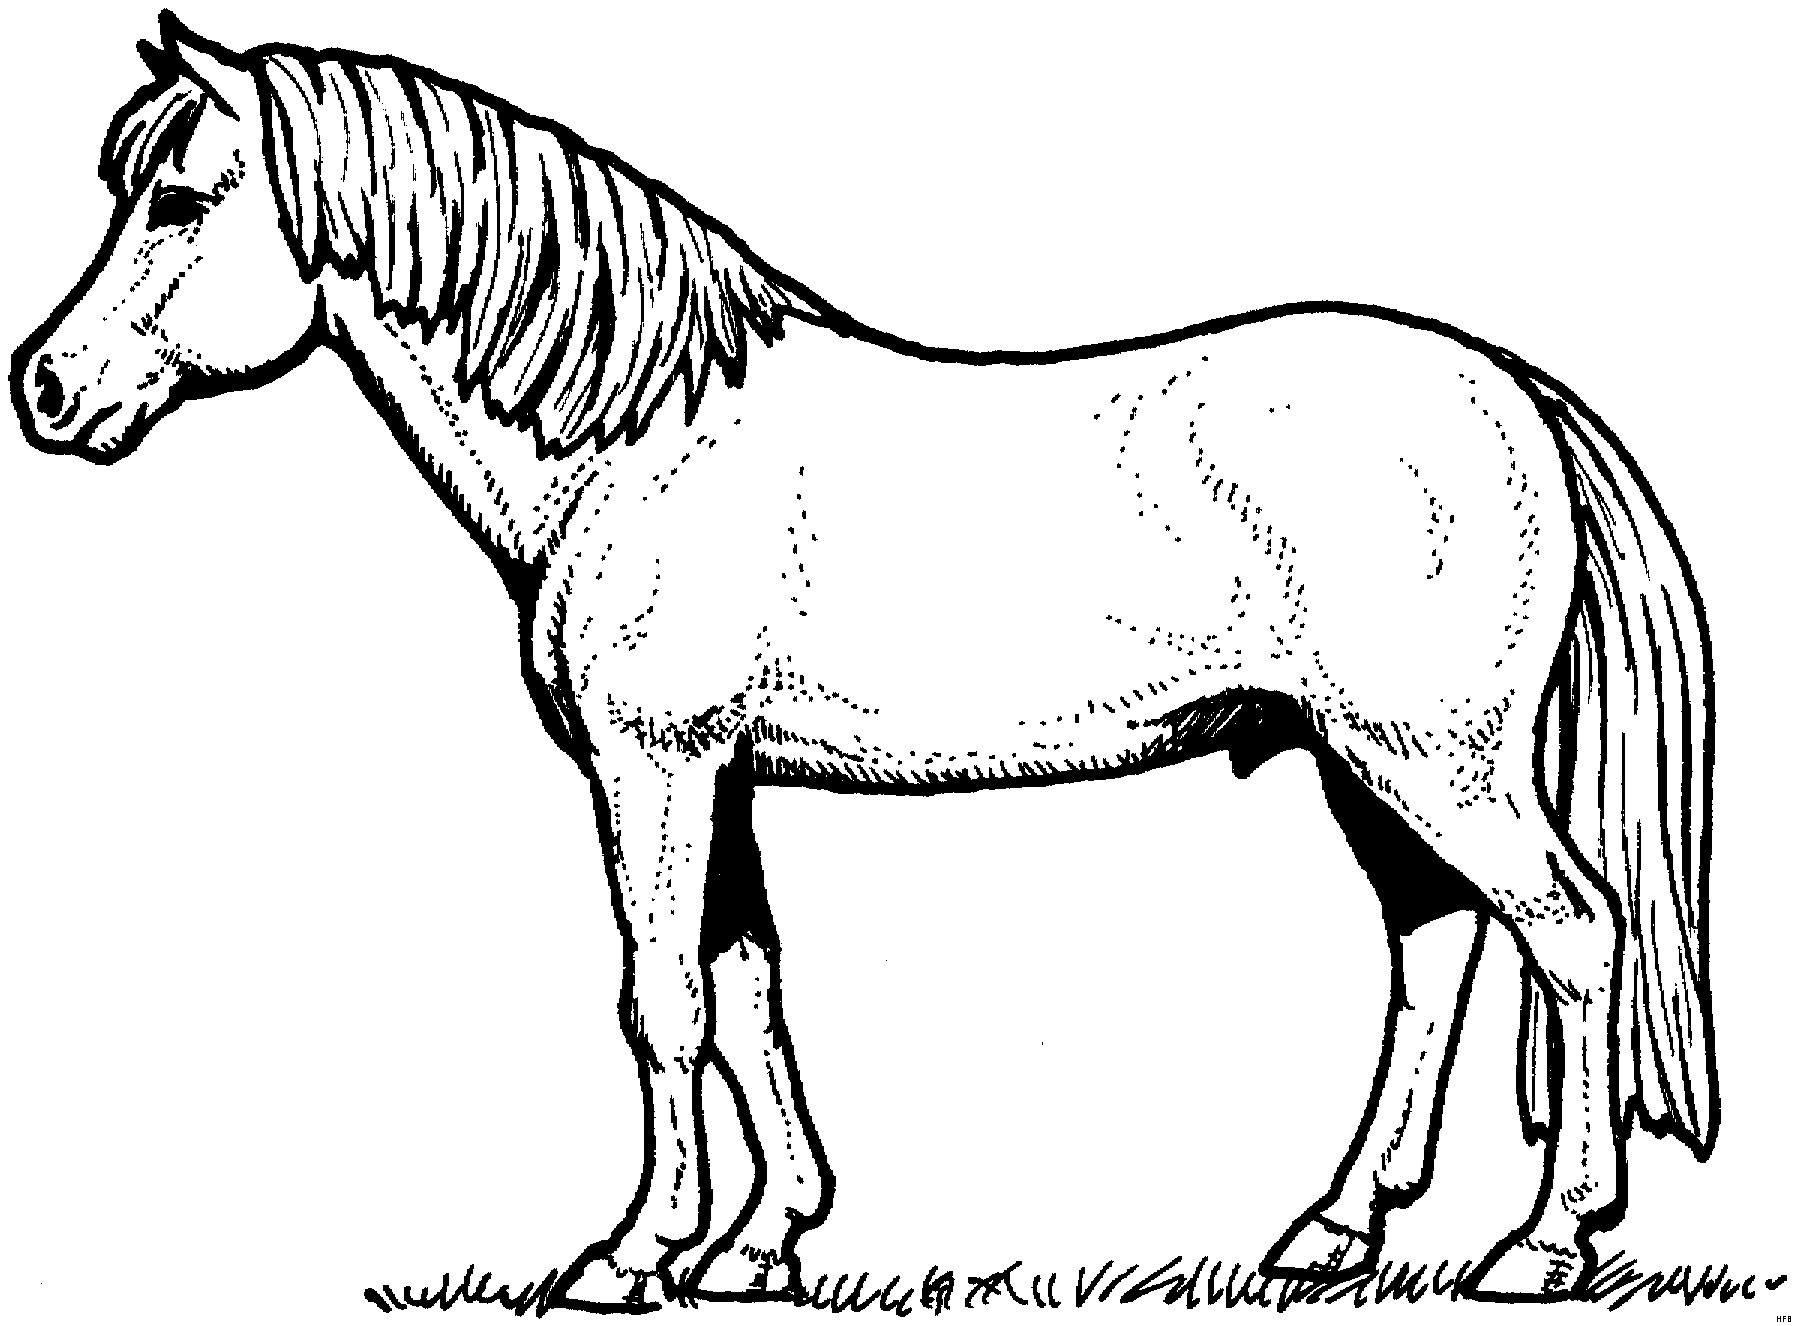 Ausmalbilder Filly Pferde Inspirierend 30 Filly Pferd Ausmalbilder forstergallery Bild